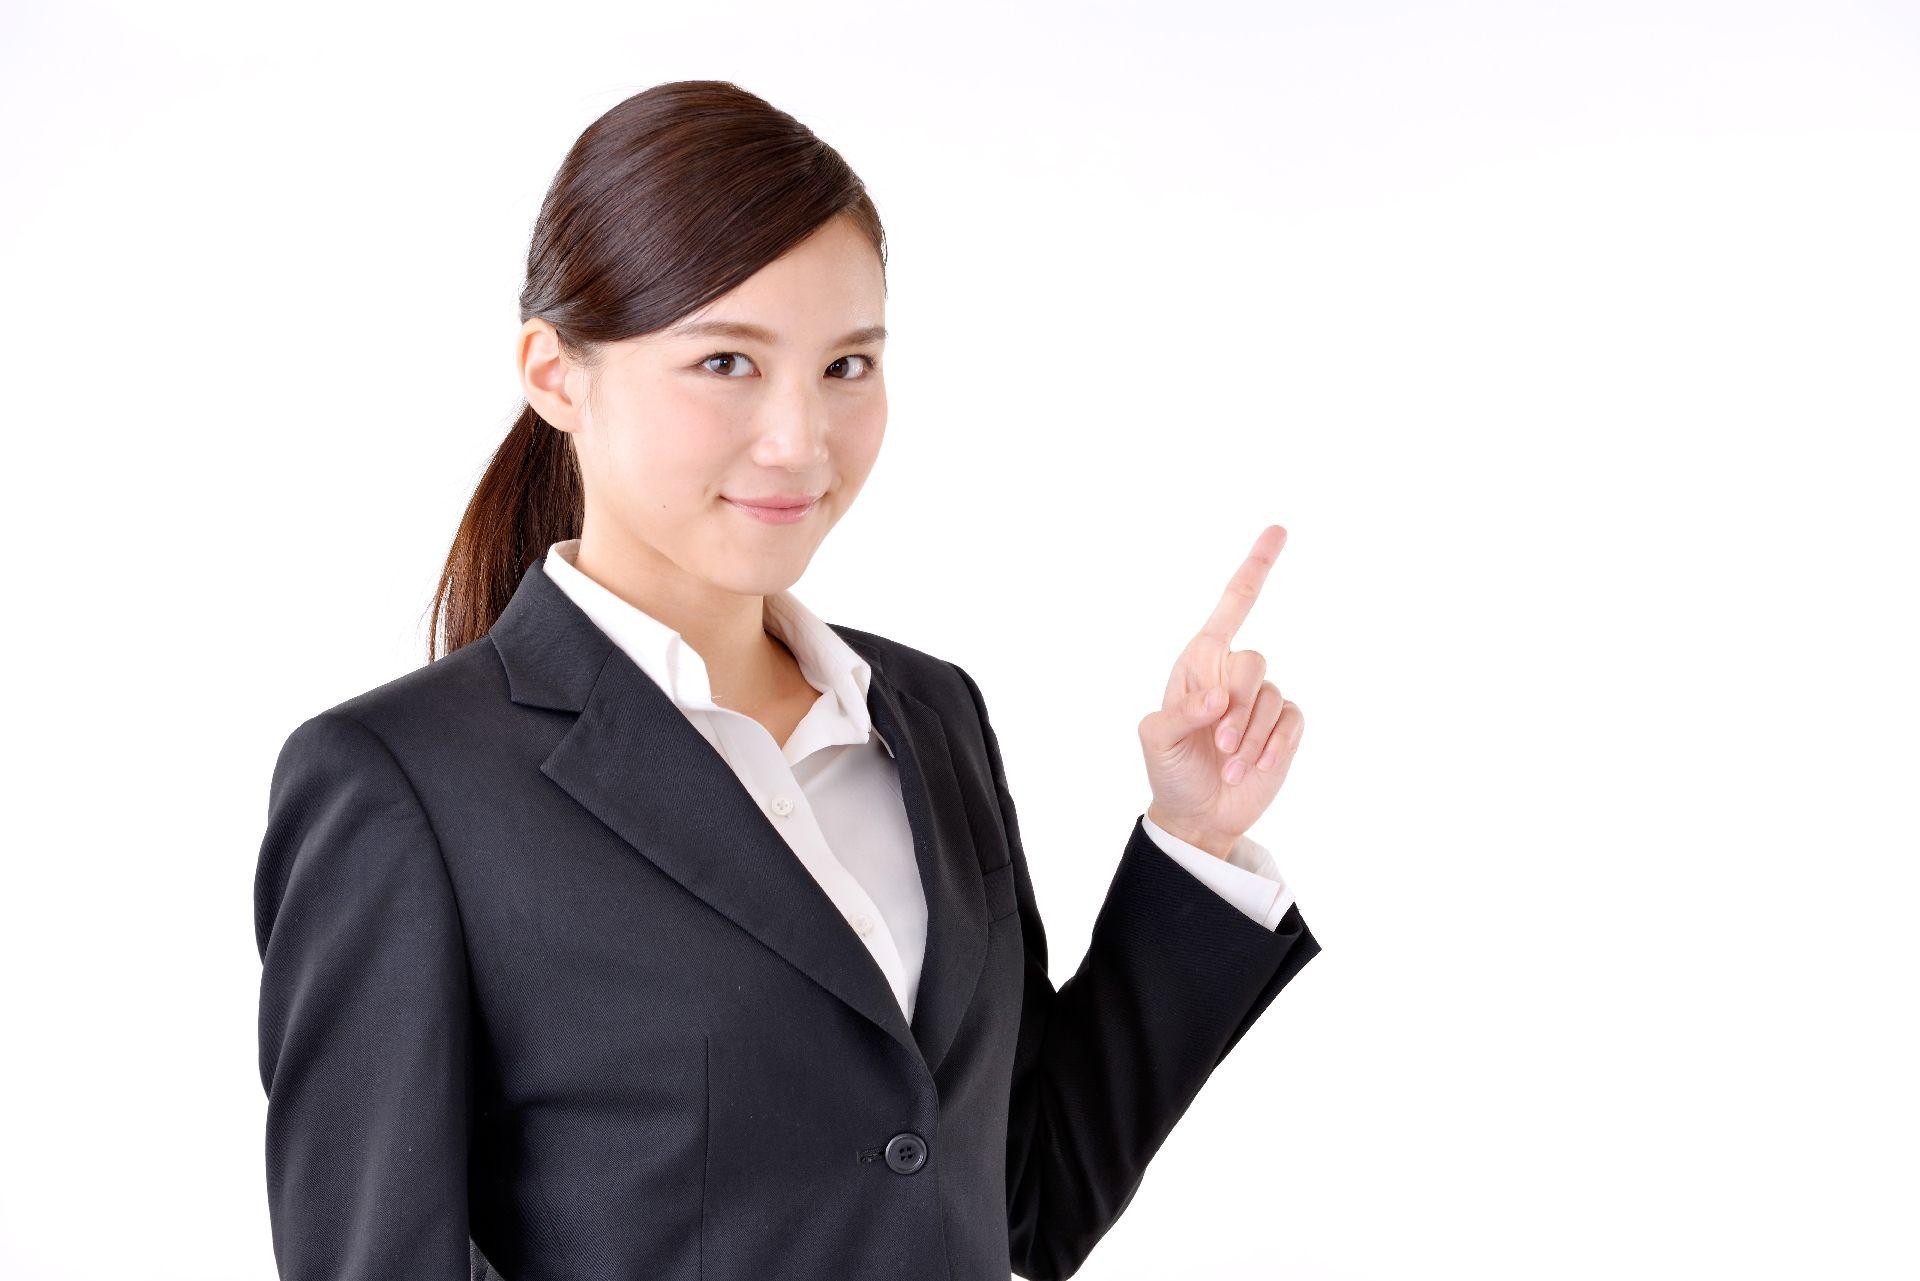 人差し指を立てたスーツの女性